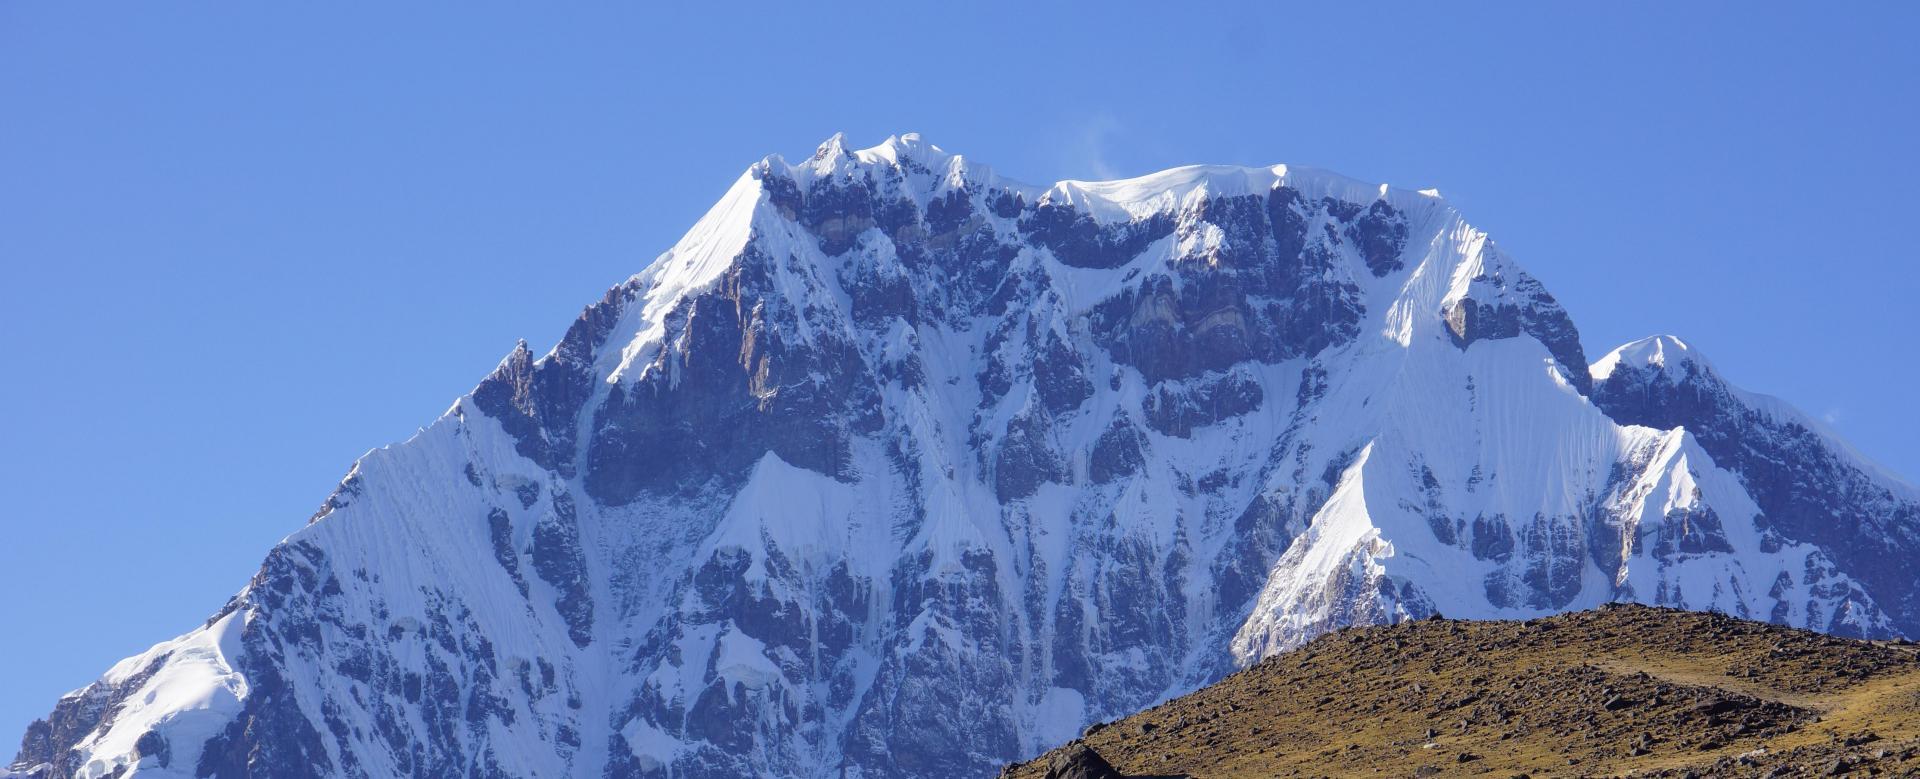 Voyage à pied : Ausangate (6384 m)